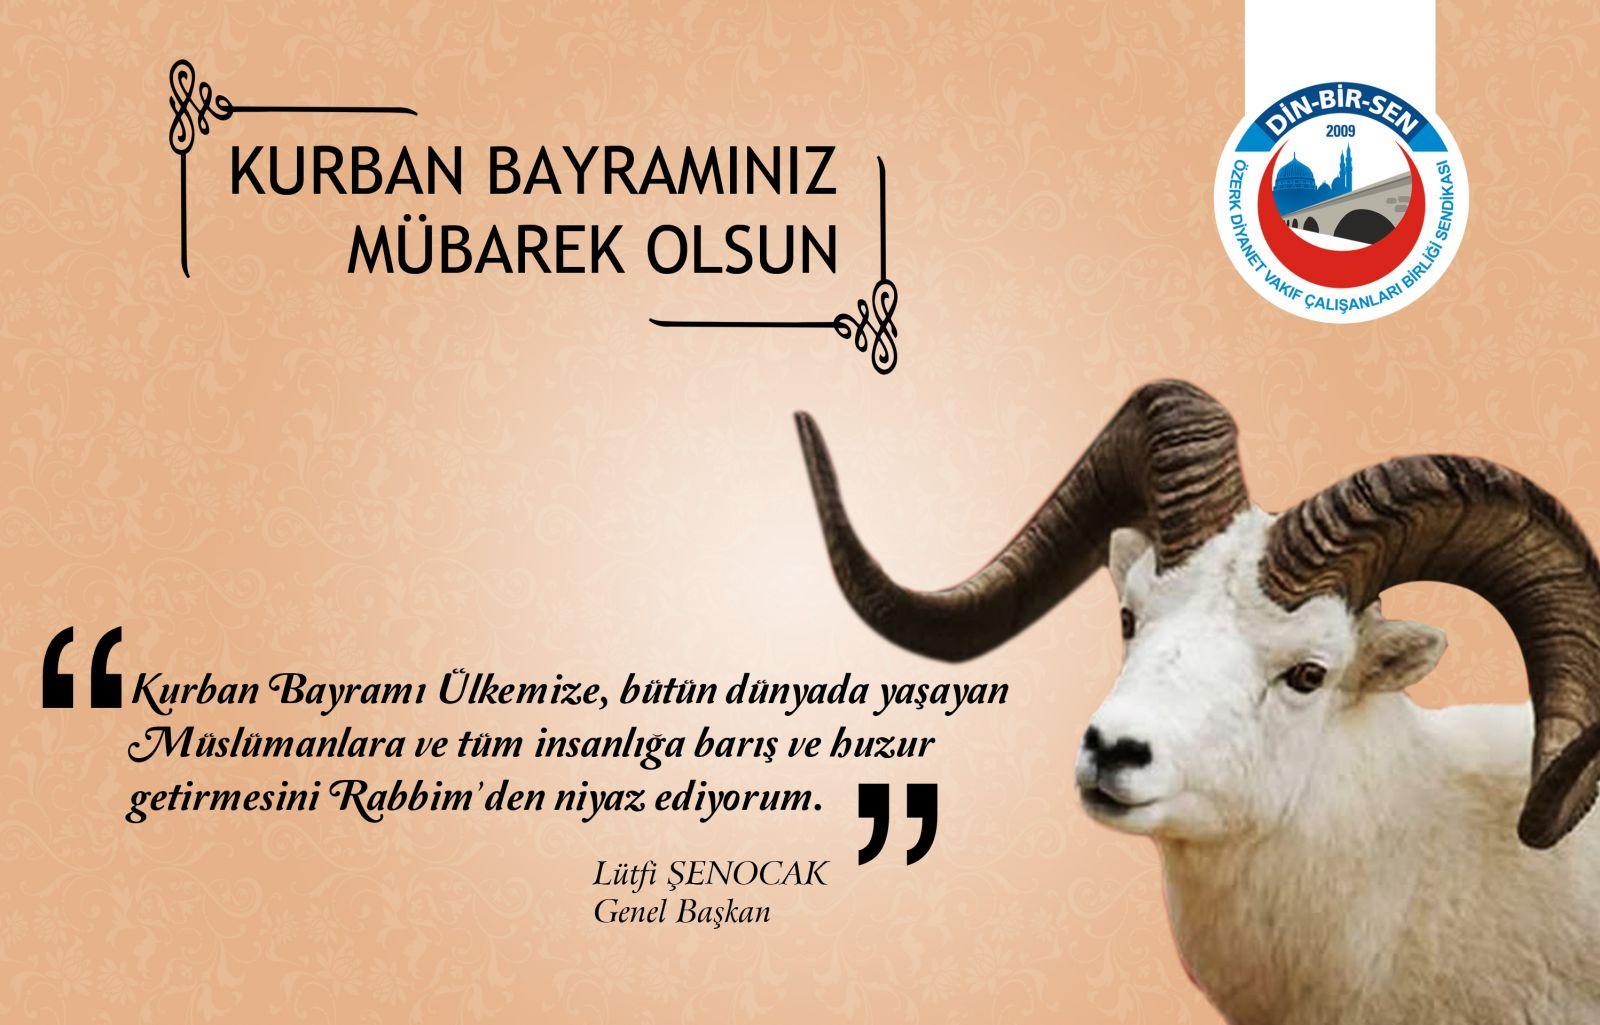 Картинки детские, открытка курбан-байрам на турецком языке